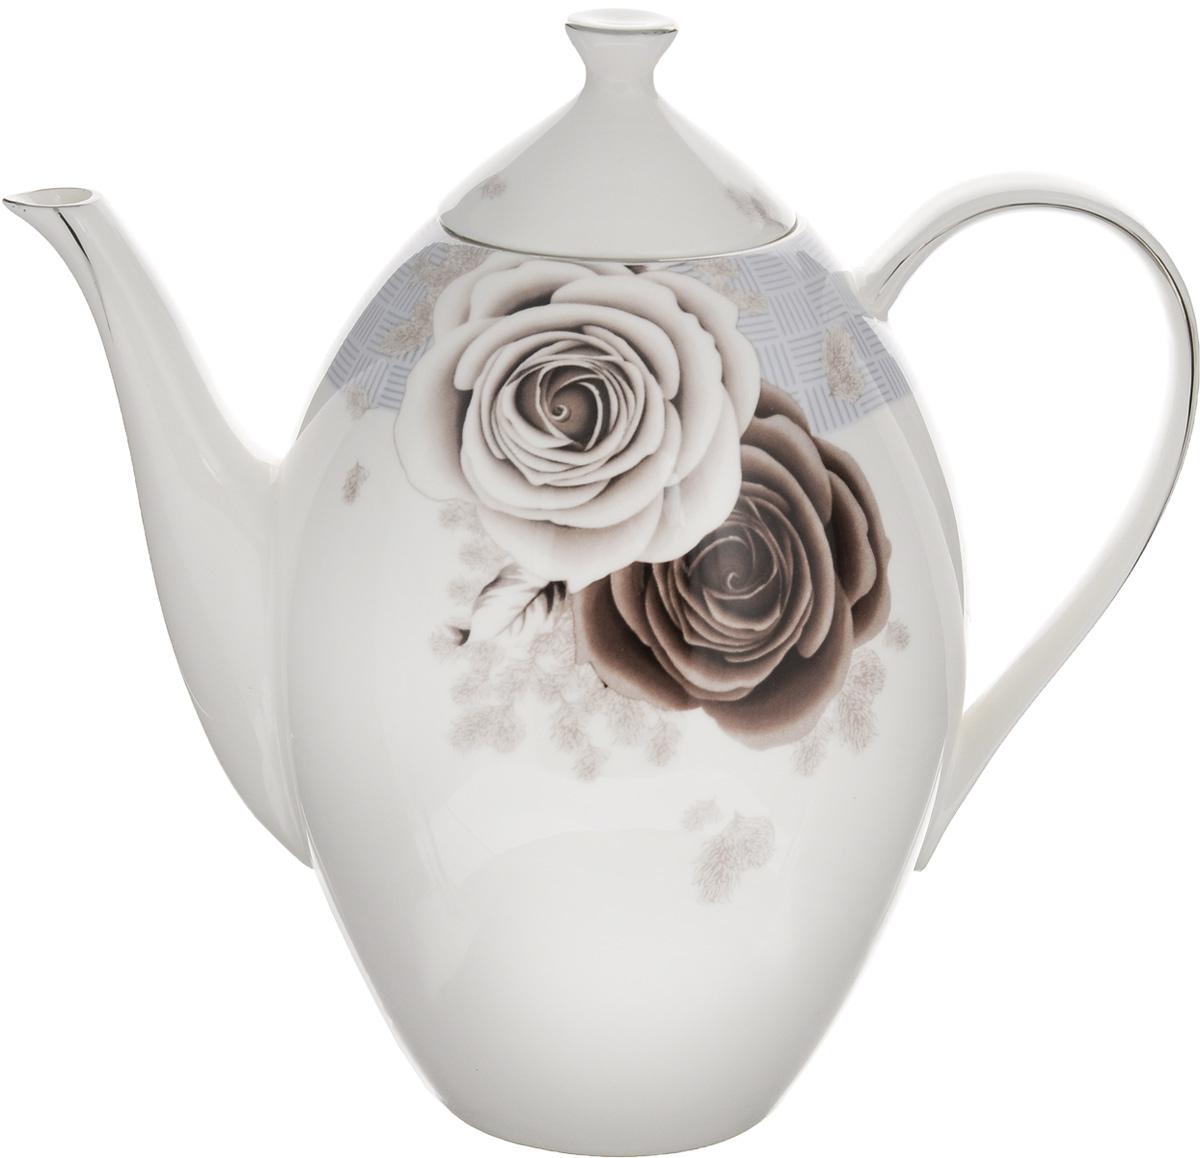 Чайник заварочный Family & Friends Дэниш, 1,3 лPR7993Заварочный чайник Family & Friends Дэниш изготовлен из фарфора, покрытого блестящей глазурью. Изделие декорировано серебристой эмалью и красивым изображением цветов. Такой заварочный чайник станет изысканным украшением стола к чаепитию и порадует вас и ваших гостей оригинальным дизайном и качеством исполнения. Чайник прекрасно подойдет в качестве подарка к любому случаю.Диаметр (по верхнему краю): 6,5 см.Высота (с крышкой): 21 см.